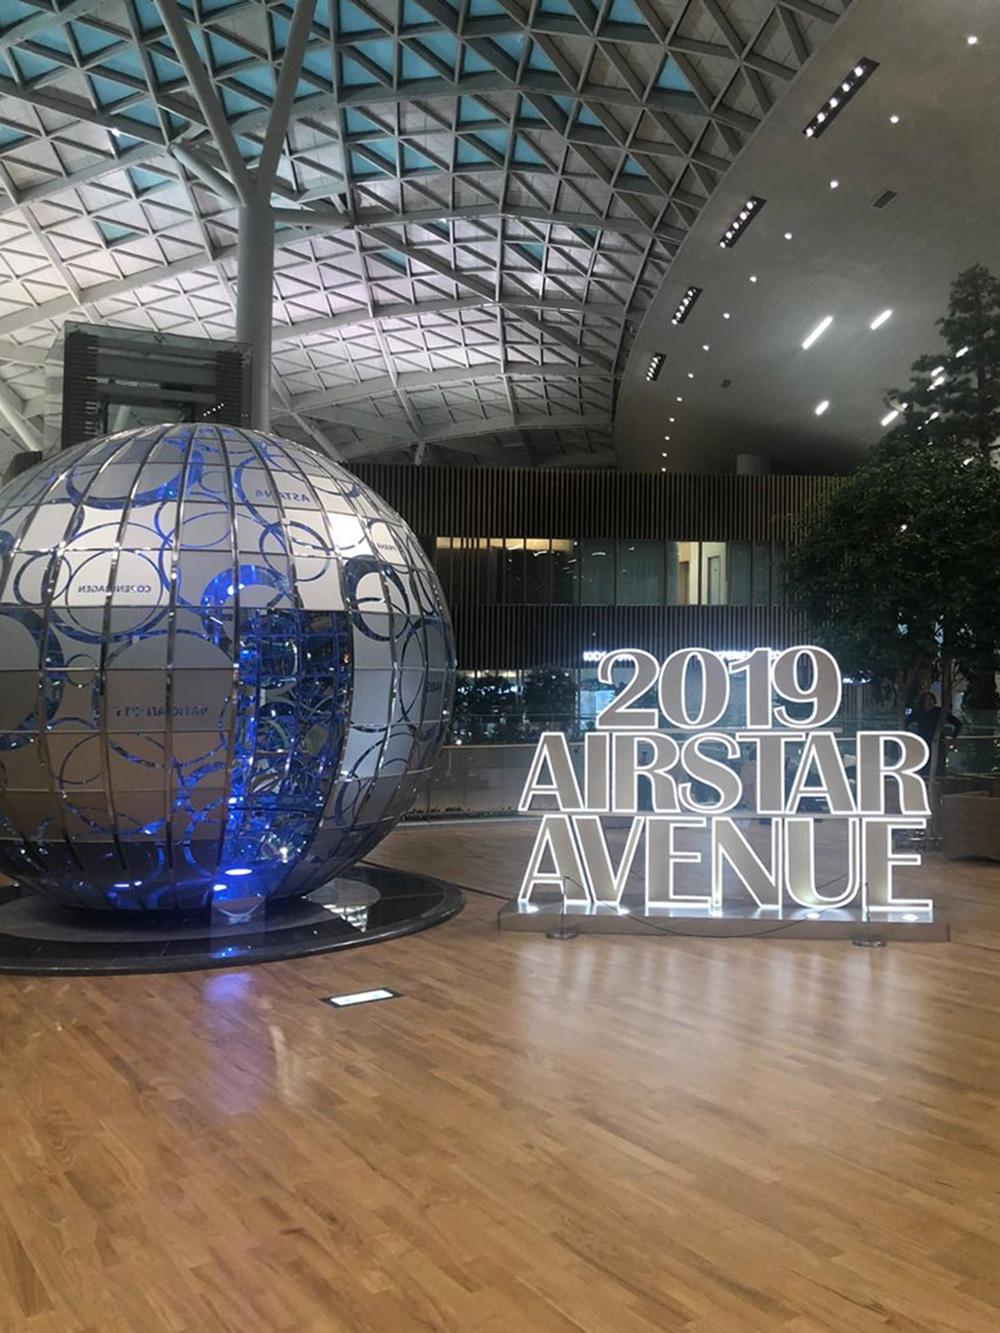 В аэропорту повсюду стоят яркие и красивые экспонаты. На этом шаре написаны названия разных городов